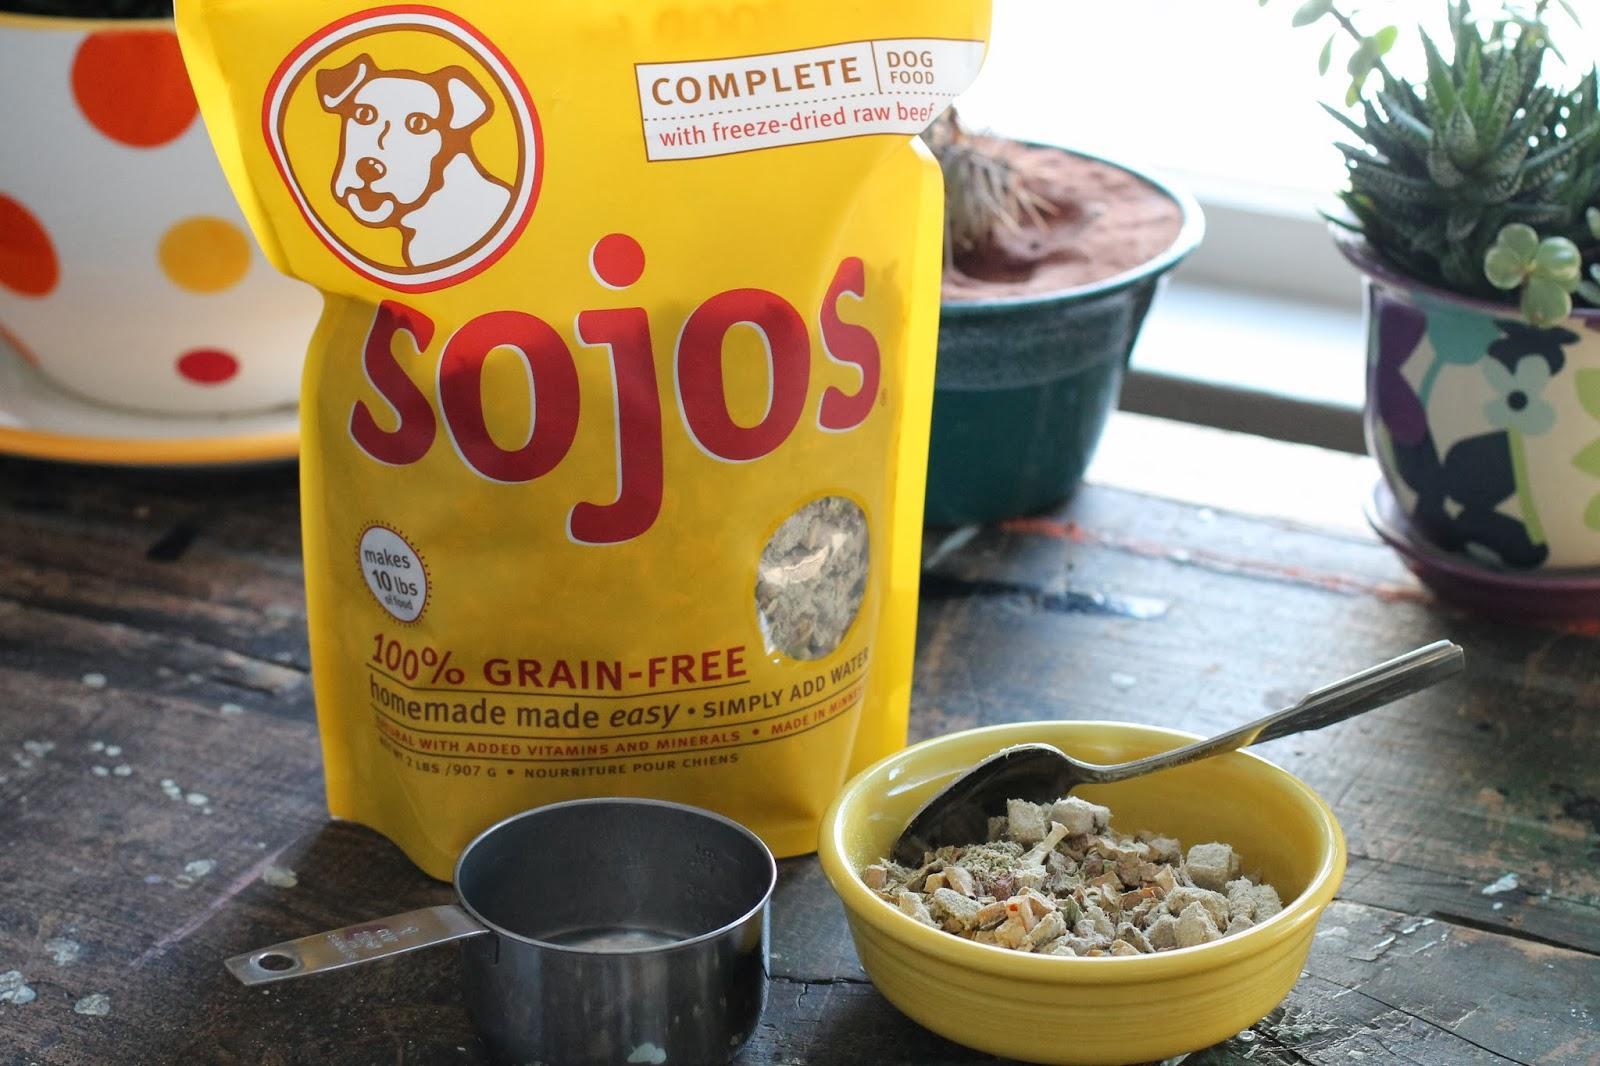 Sojos Dog Food Mix